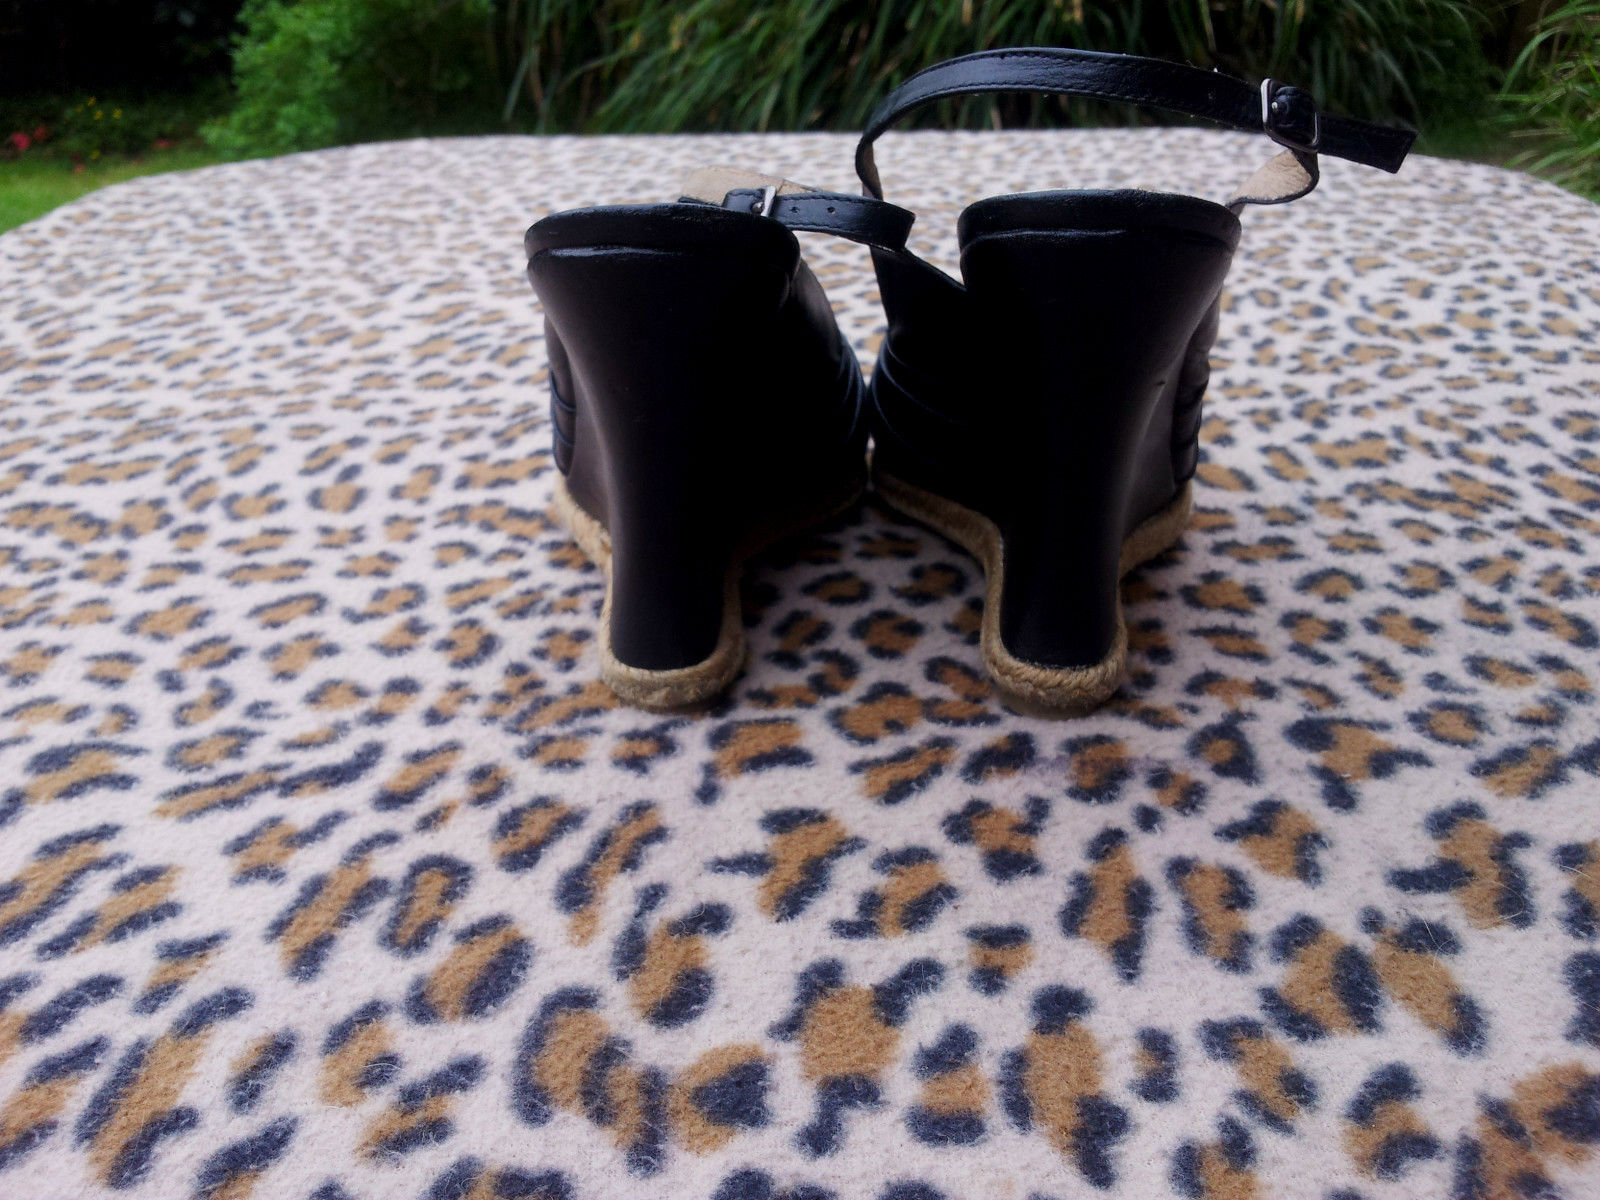 Kurt Geiger black leather high heeled sandals 7 EU size 40, UK 7 sandals d419c2